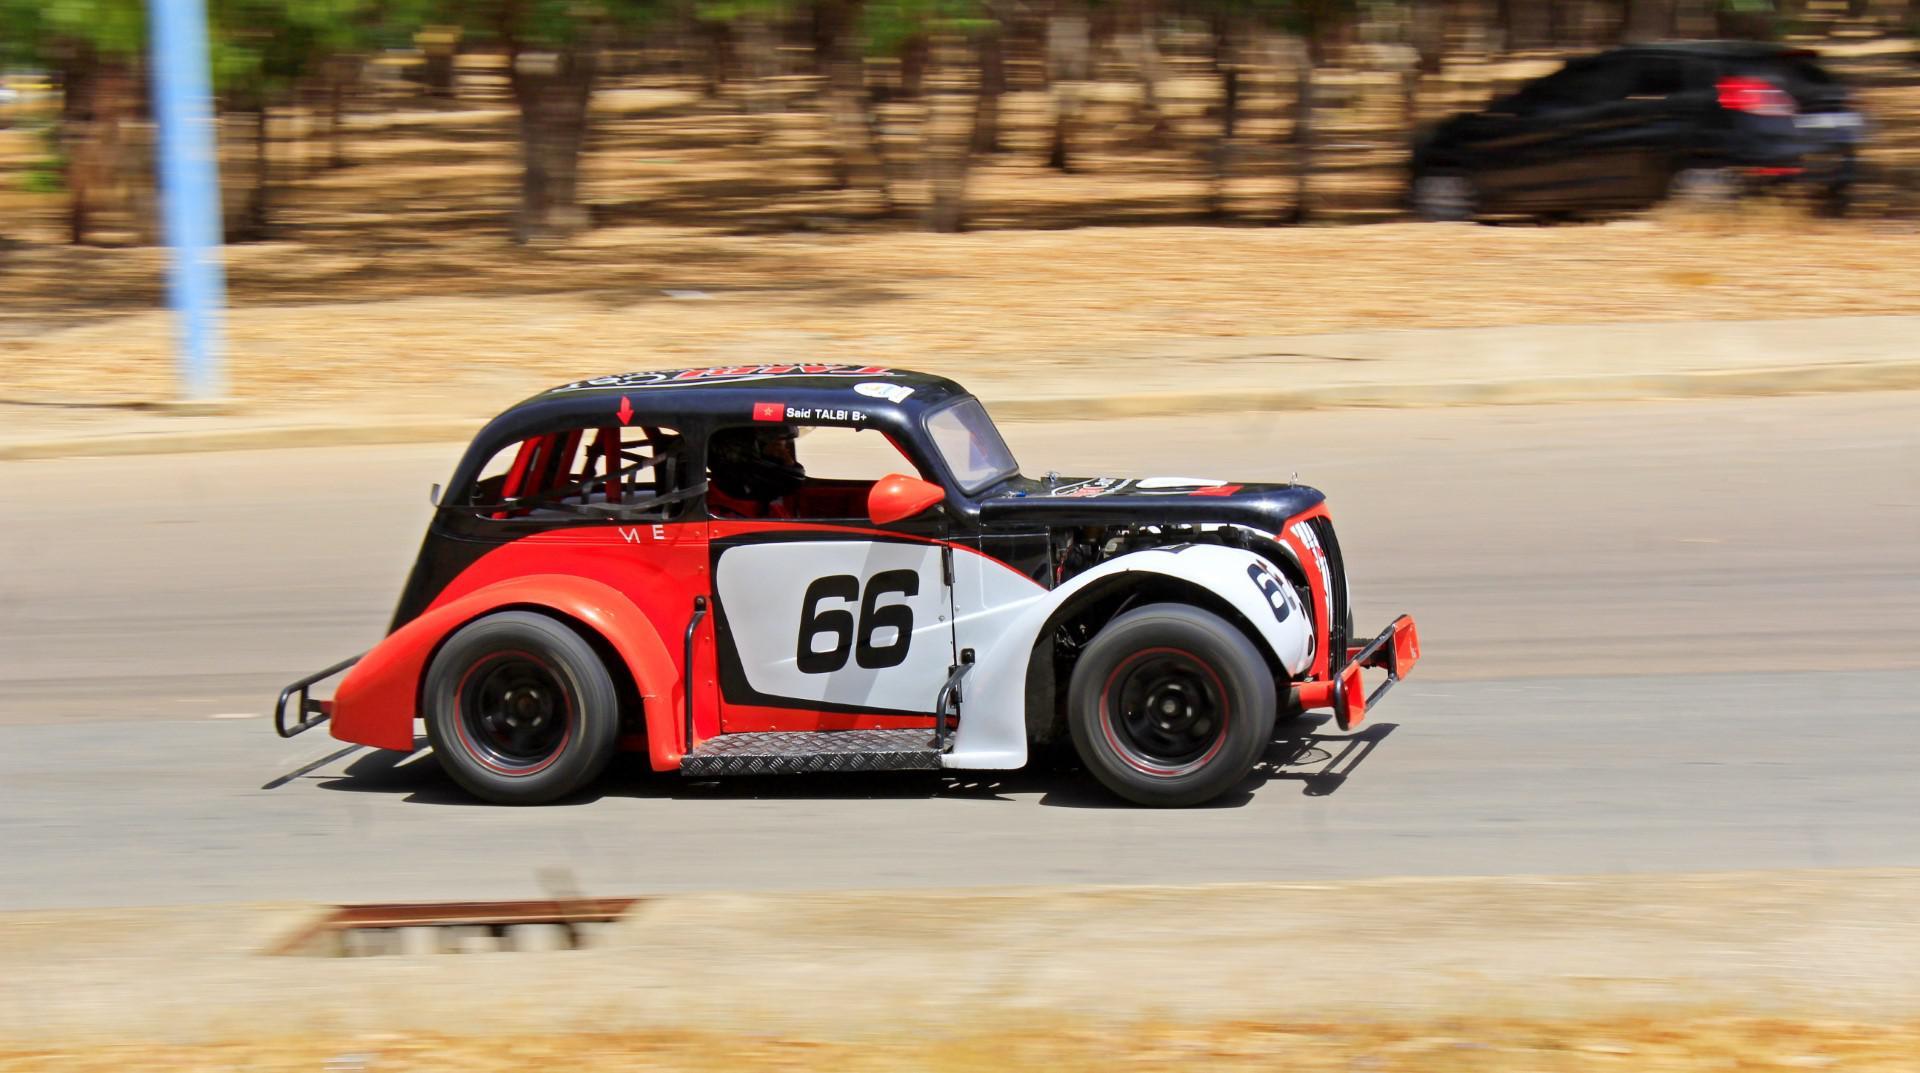 2eme-manche-du-championnat-du-maroc-des-circuits-845-21.jpg